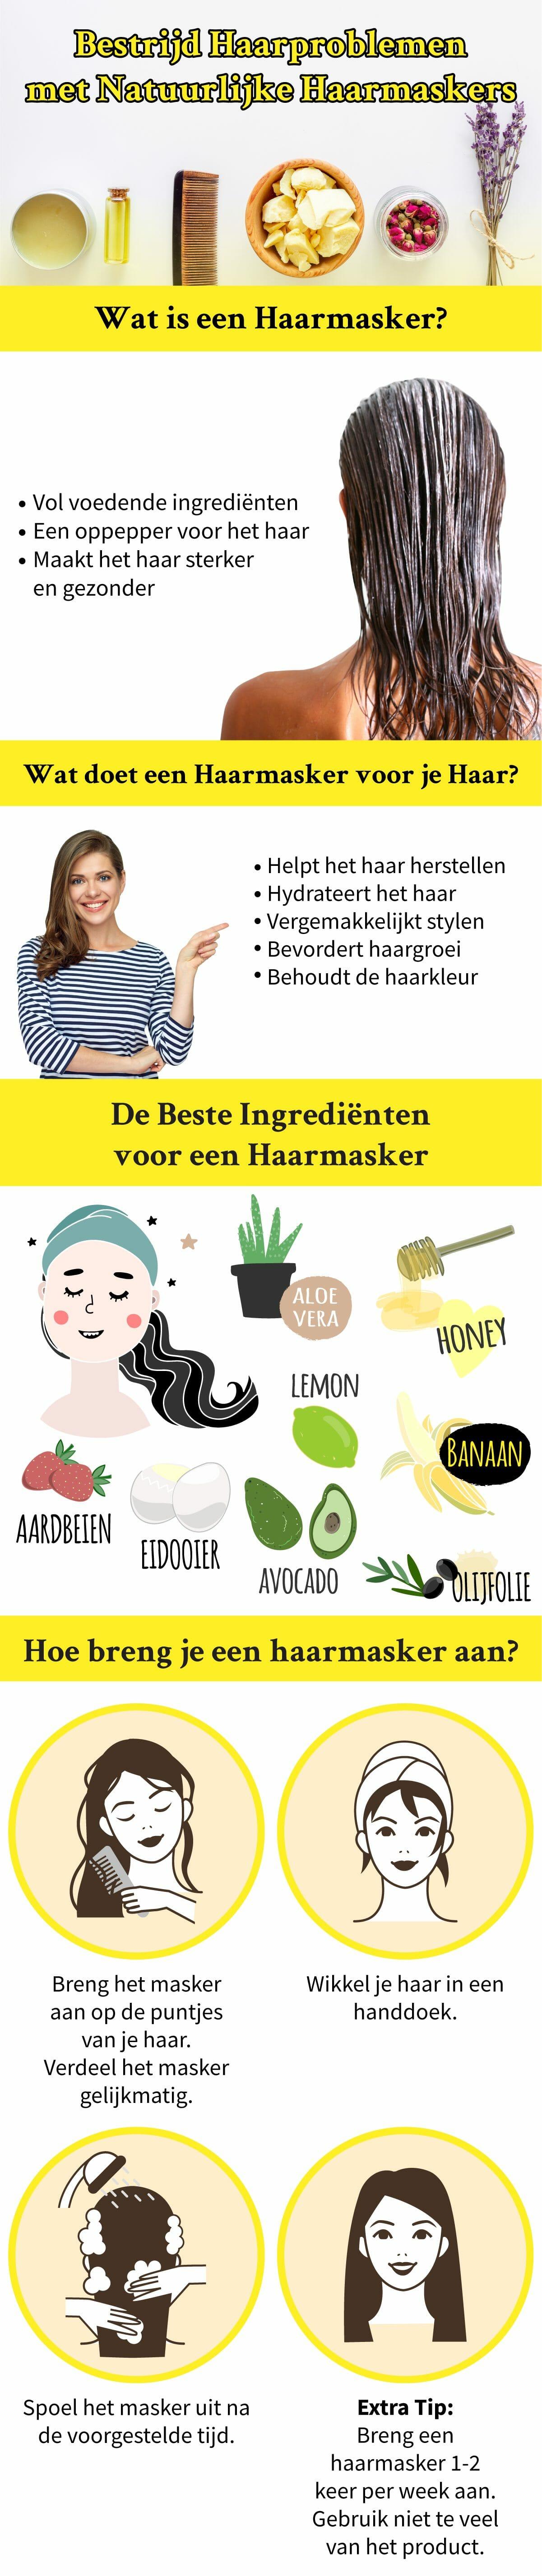 Haarmasker infographic